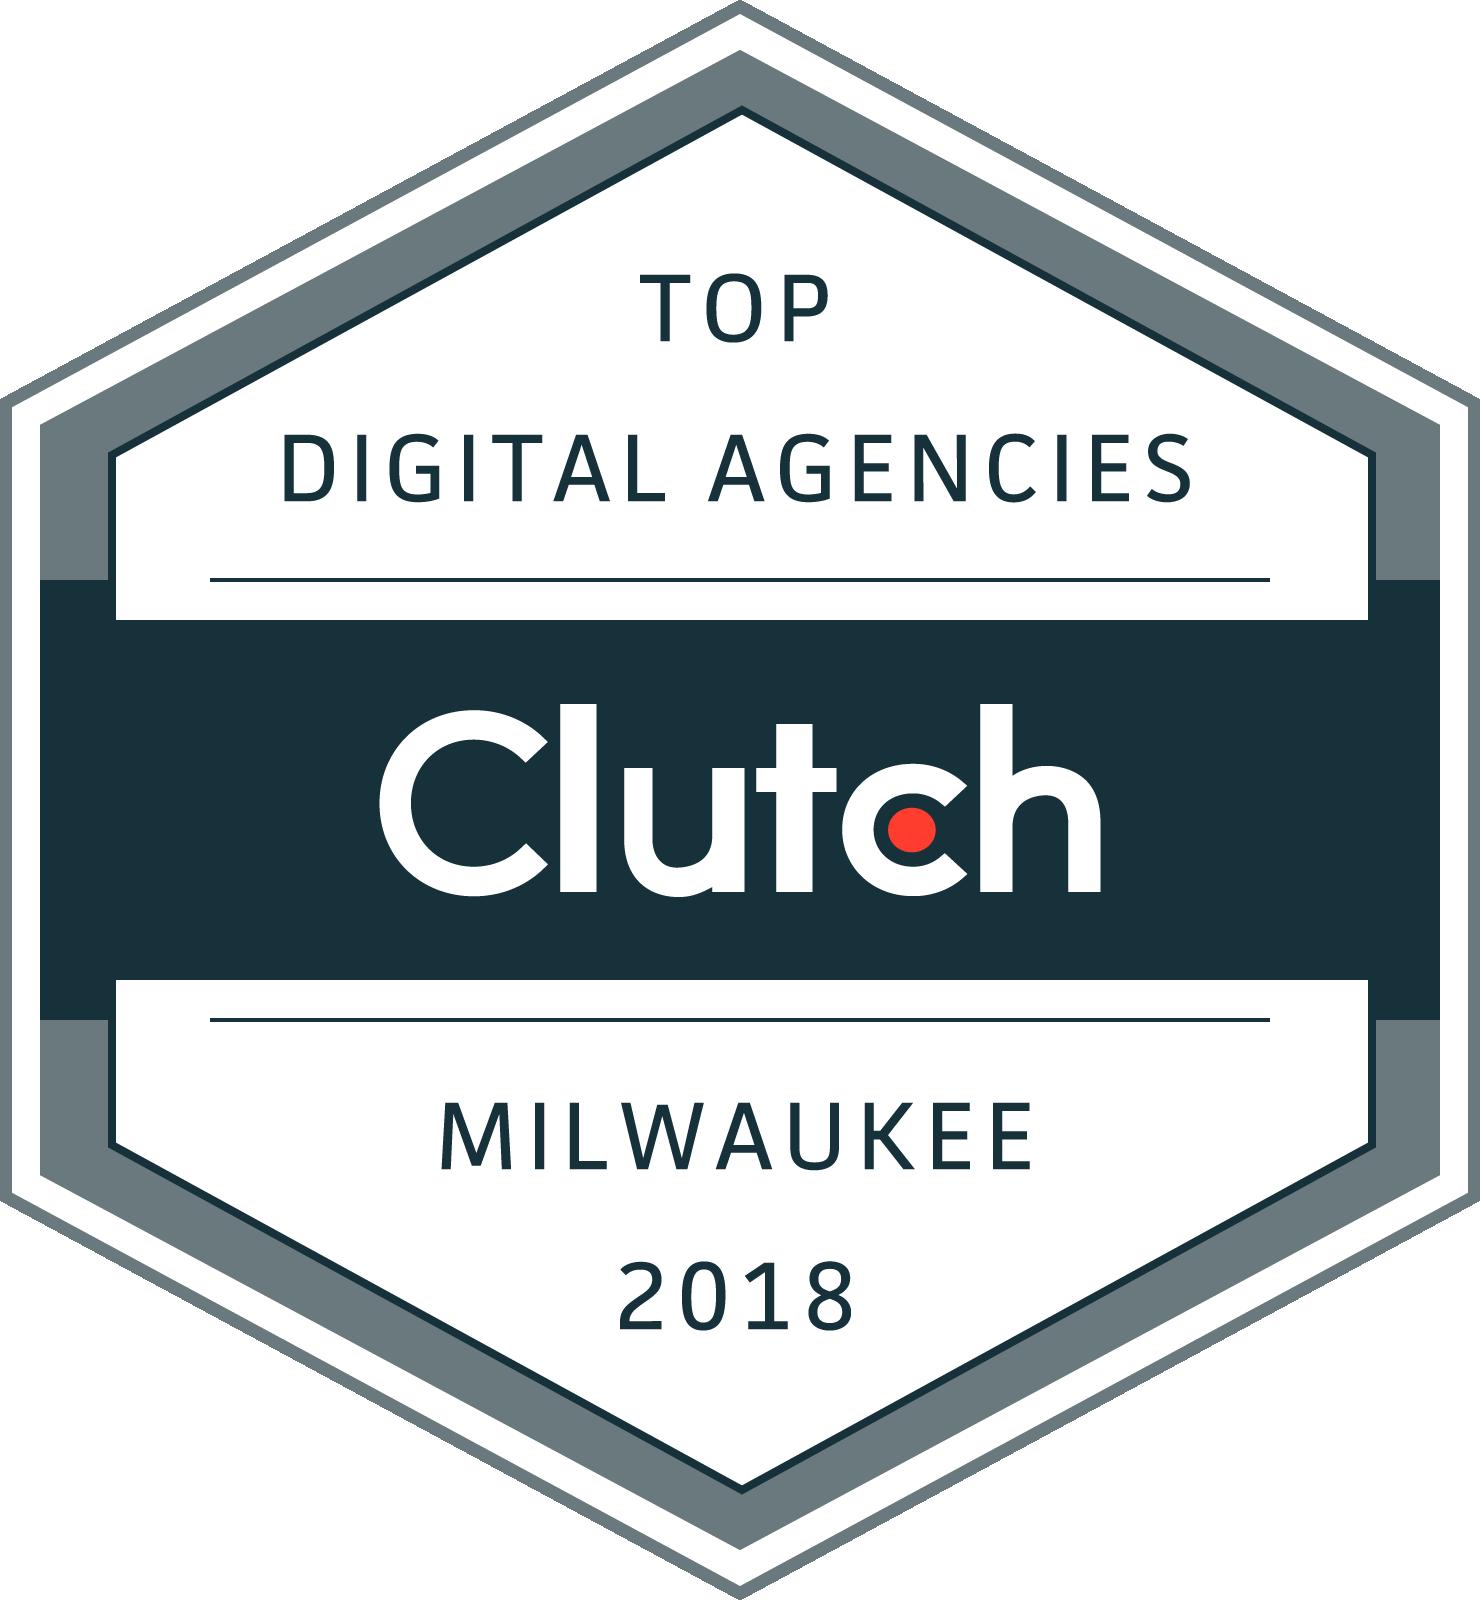 Digital_Agencies_Milwaukee_2018 (1)